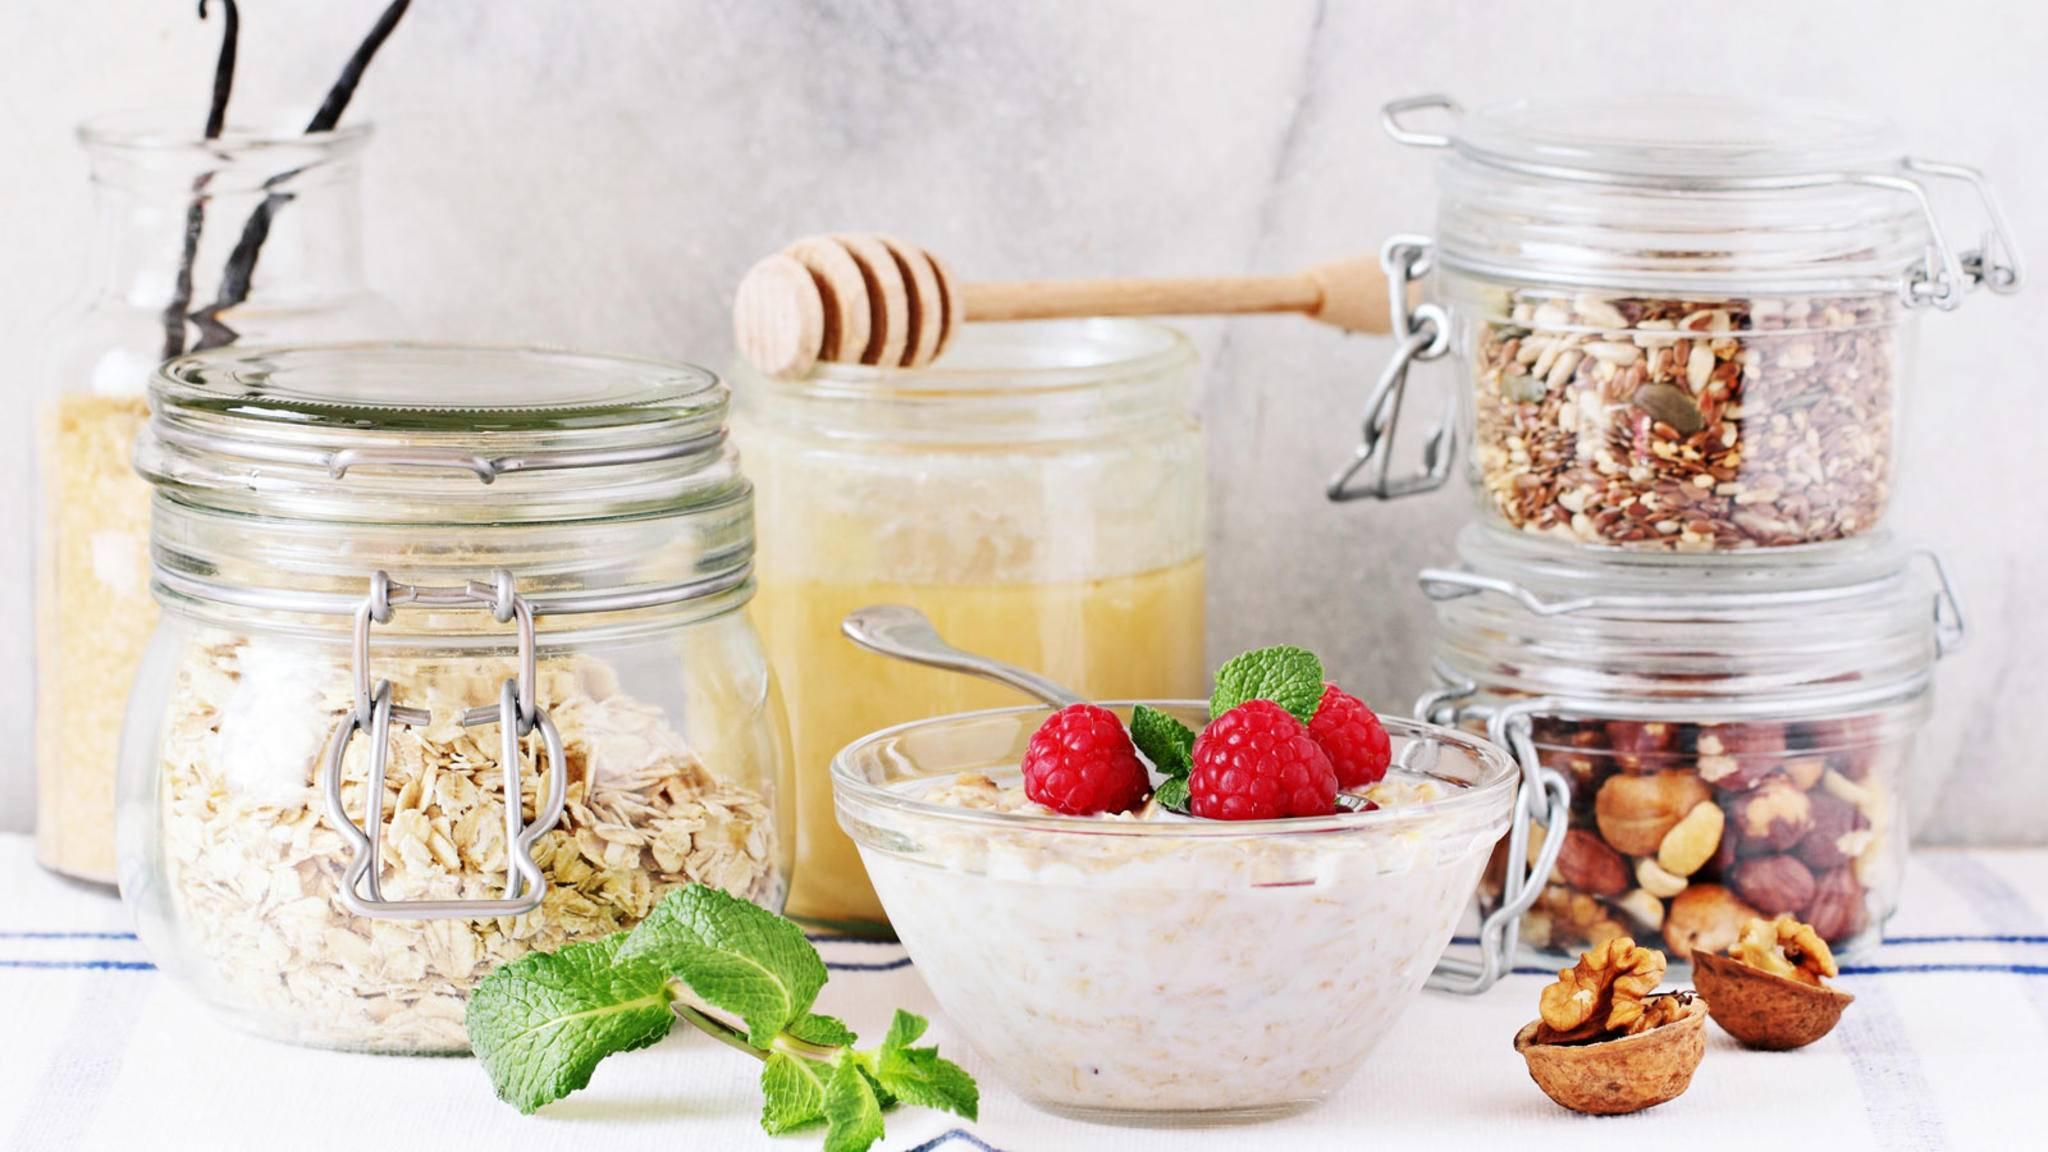 Haferflocken plus X: Overnight Oats machen Dein Frühstück reichhaltig und vielseitig!